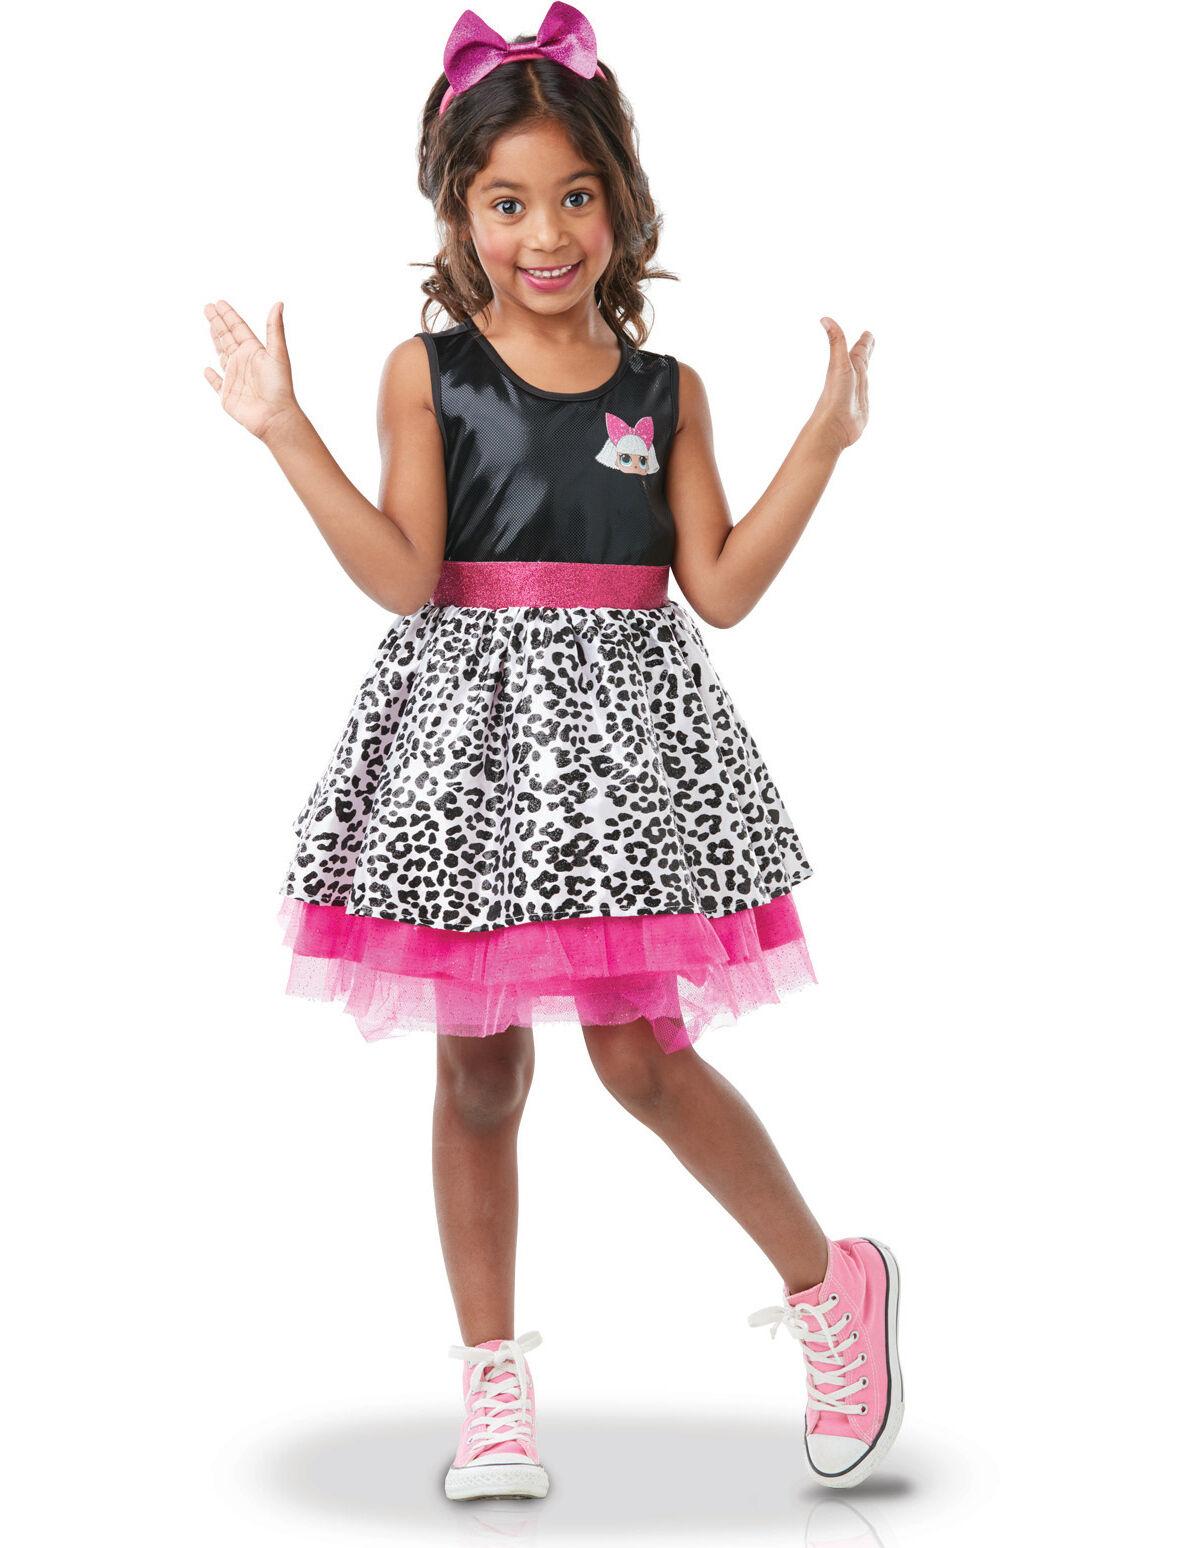 VegaooParty Déguisement luxe Diva LOL Surprise enfant - Taille: 5 à 6 ans (105 à 116 cm)